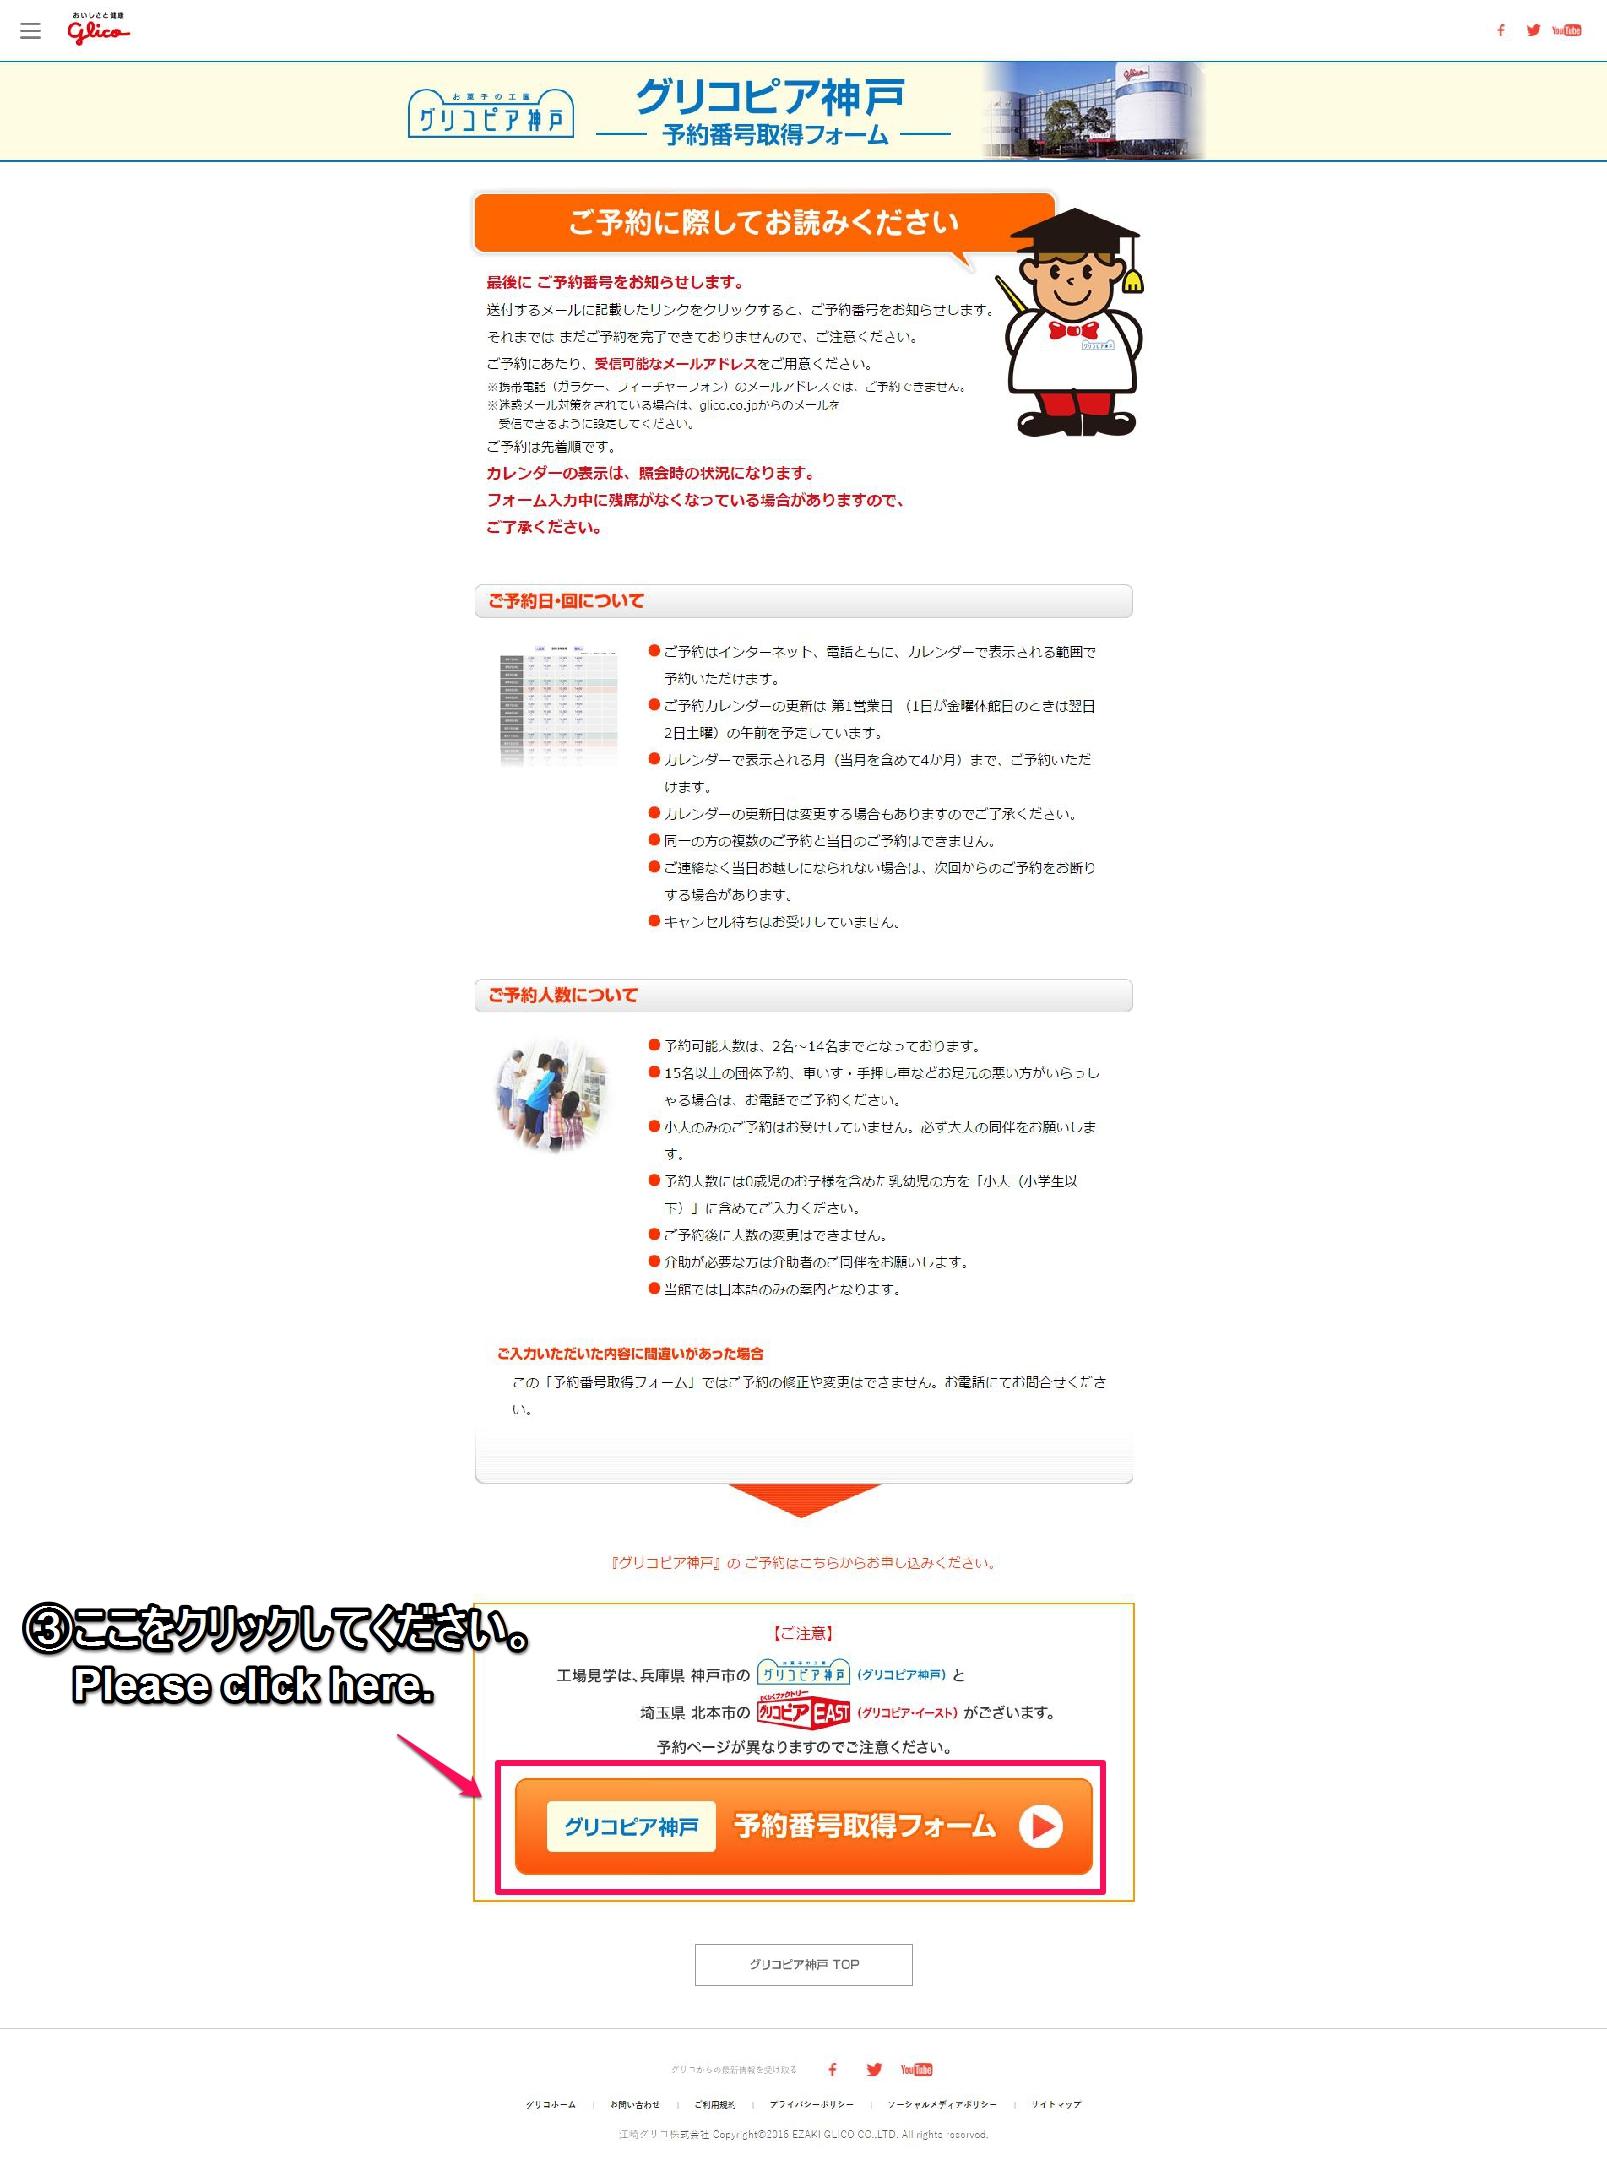 glicopia-reserve-02-txt